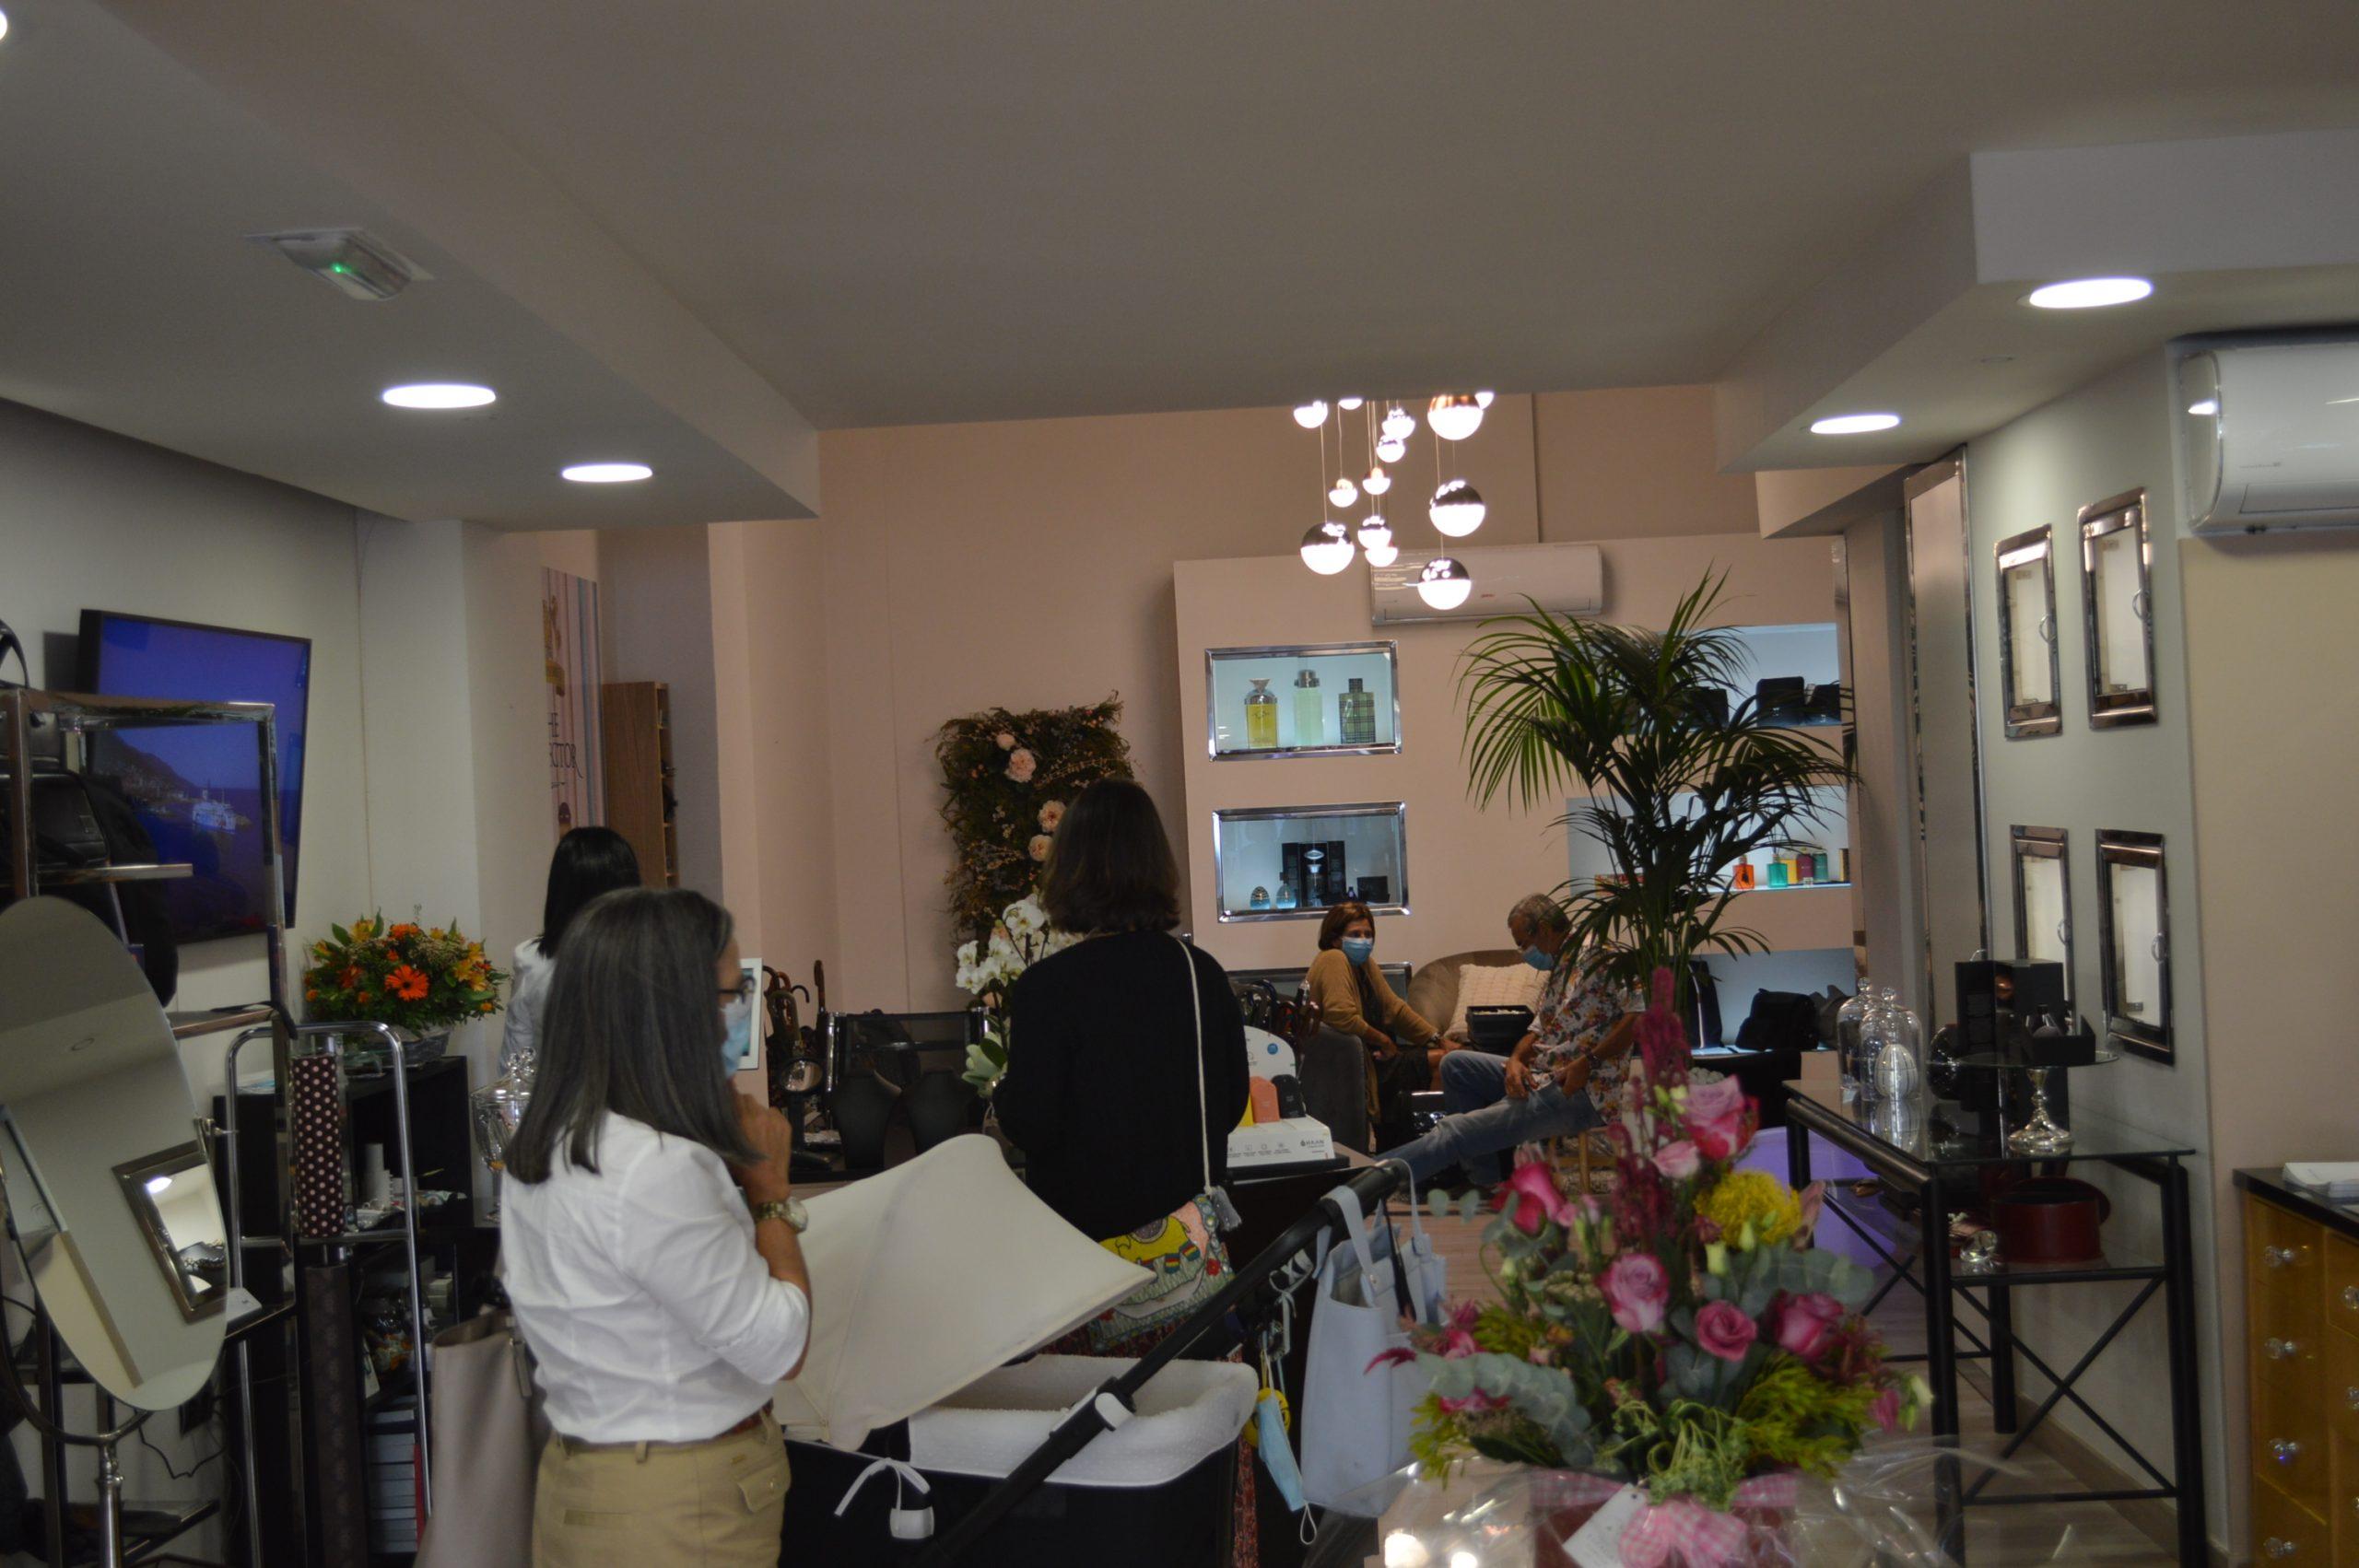 Bosco celebra su 20 aniversario con nueva ubicación en el centro de la ciudad 15